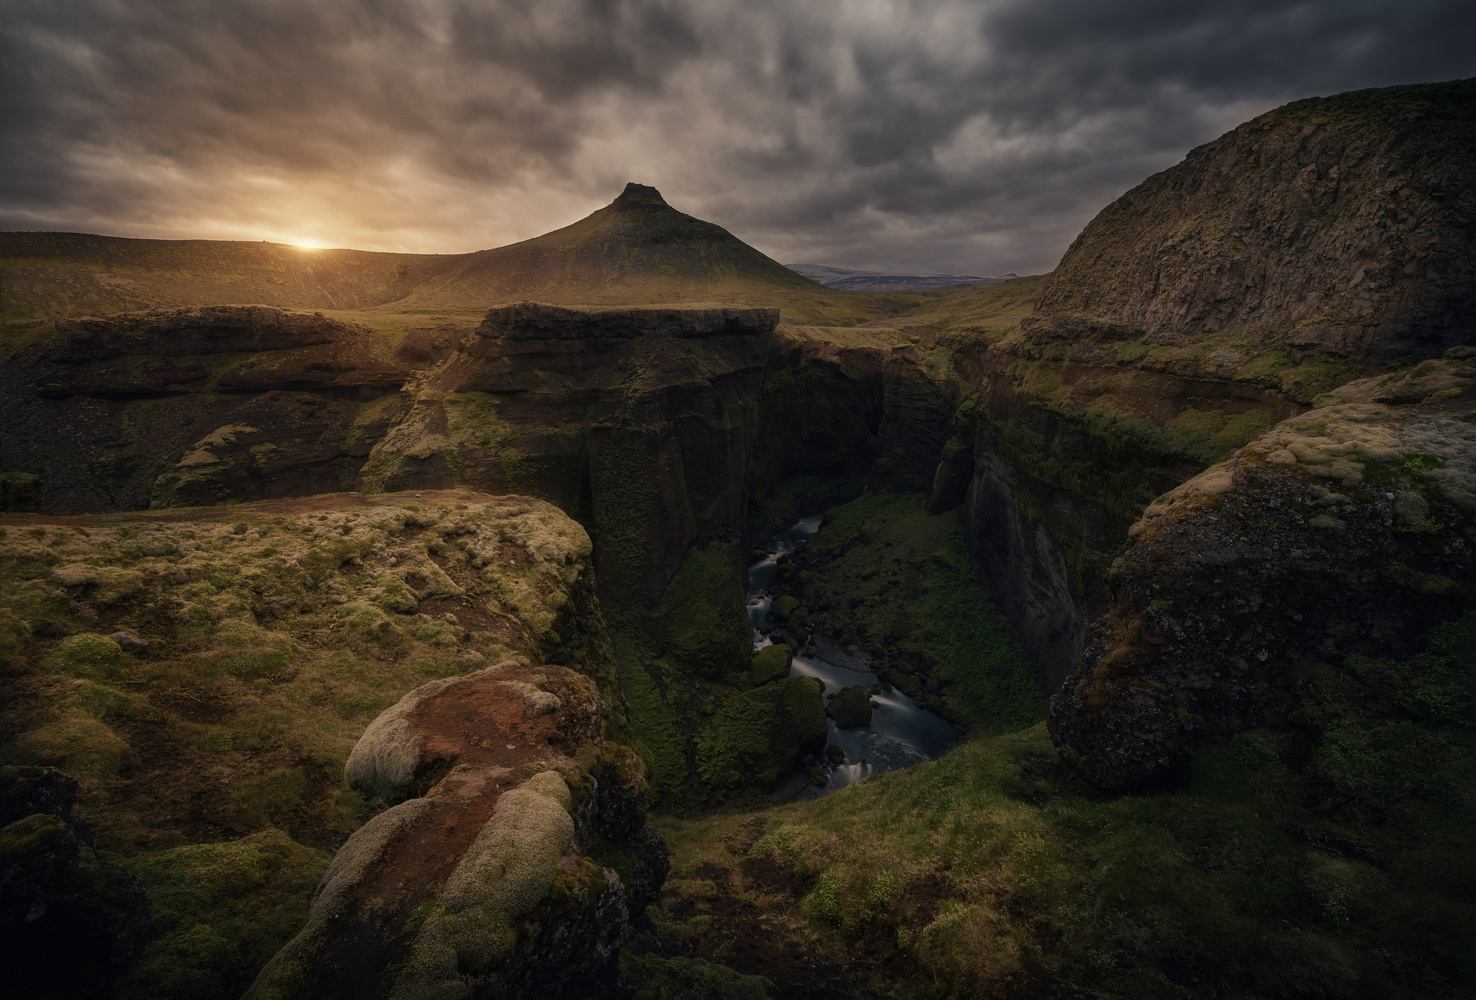 Wonders hidden from Thorsmork to Skogar, Iceland by DaniGviews /Daniel